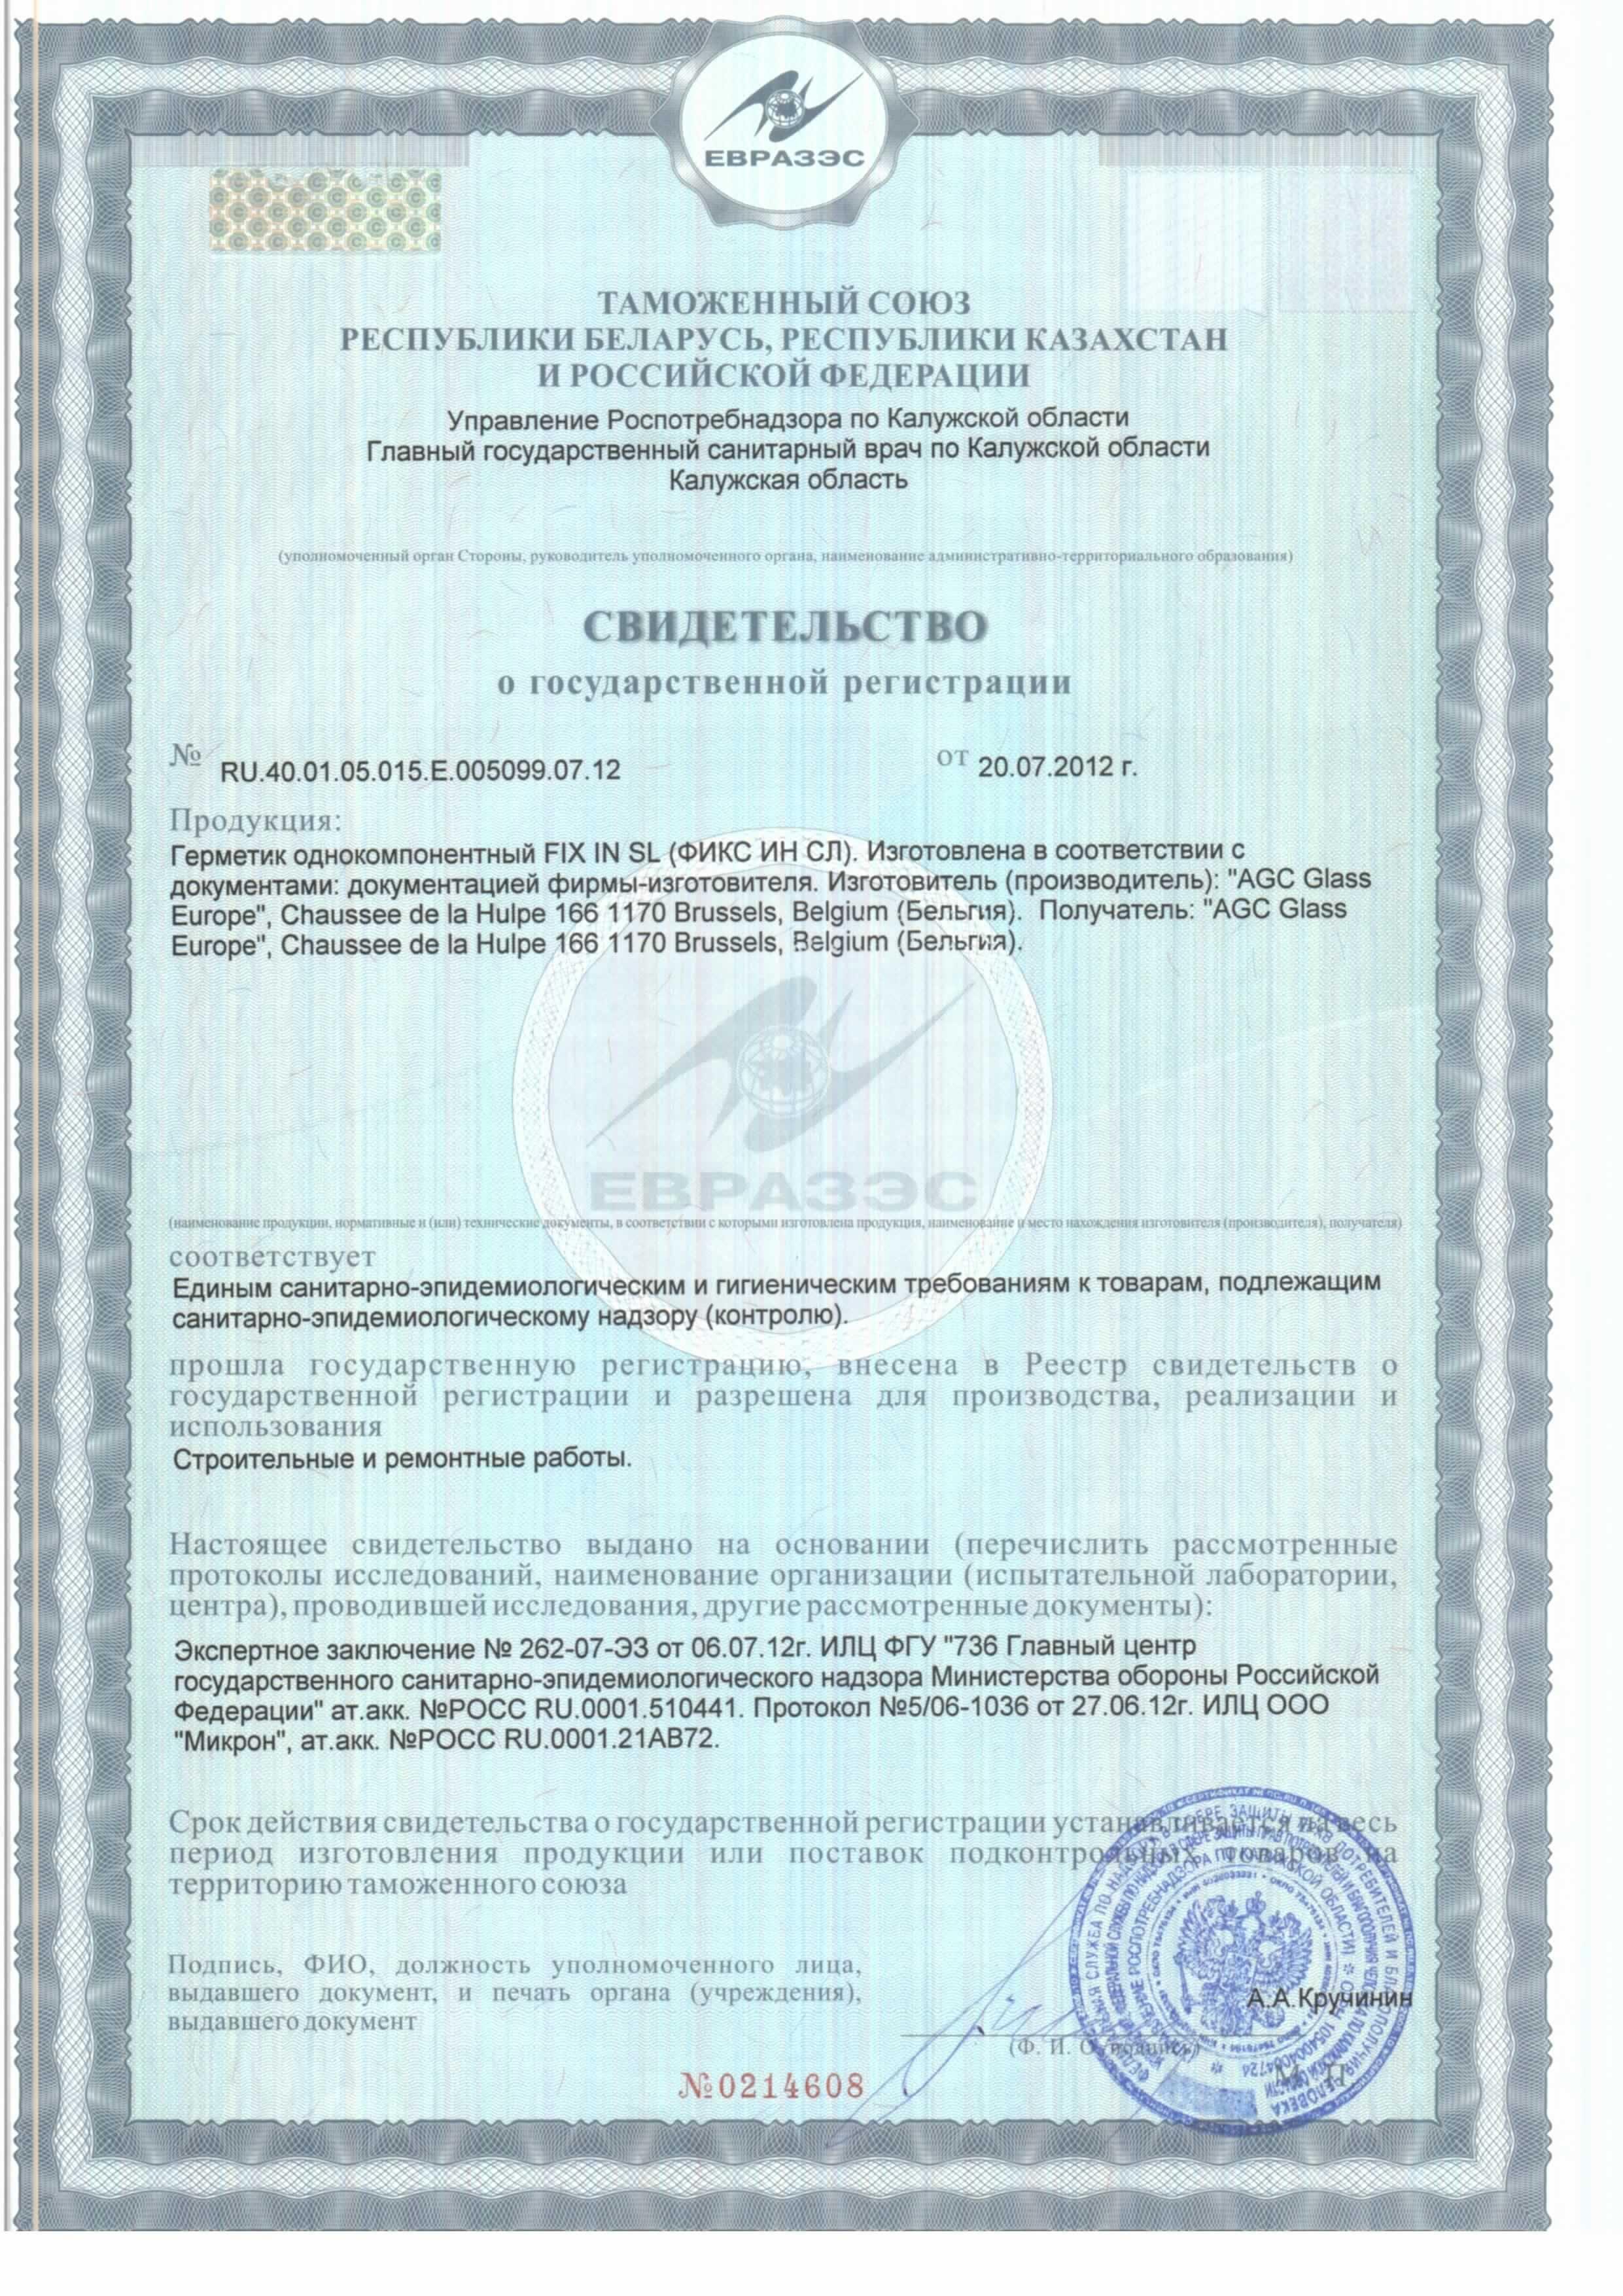 Сертификат герметик полиуретановый мастика клеящая морозостойкая битумно-масляная мб-50 прайс